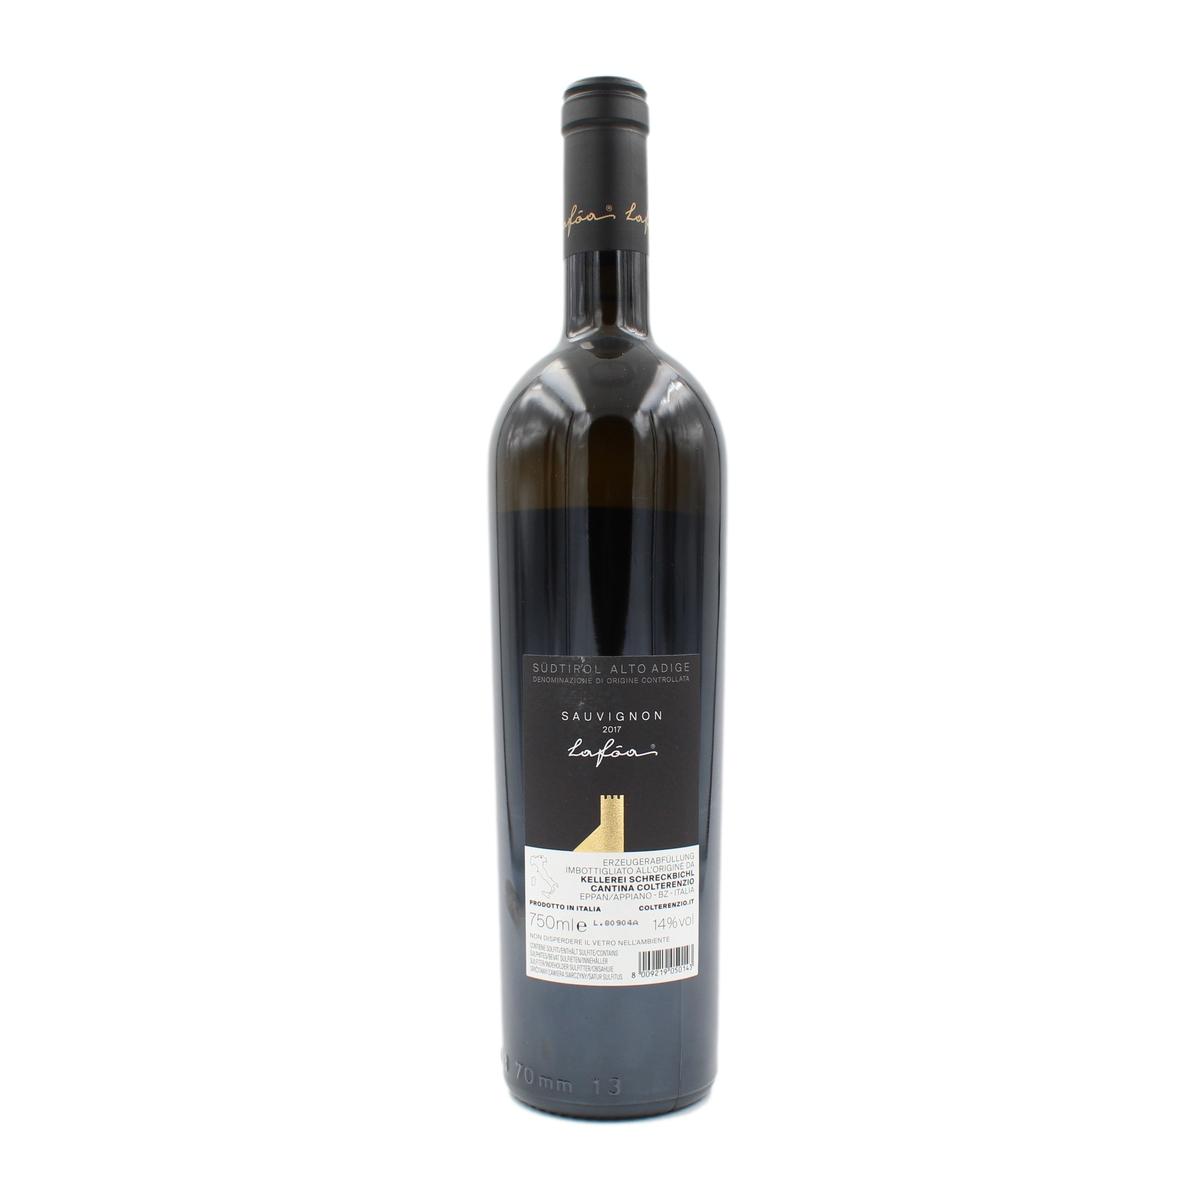 Lafóa Sauvignon Blanc 2017 Colterenzio